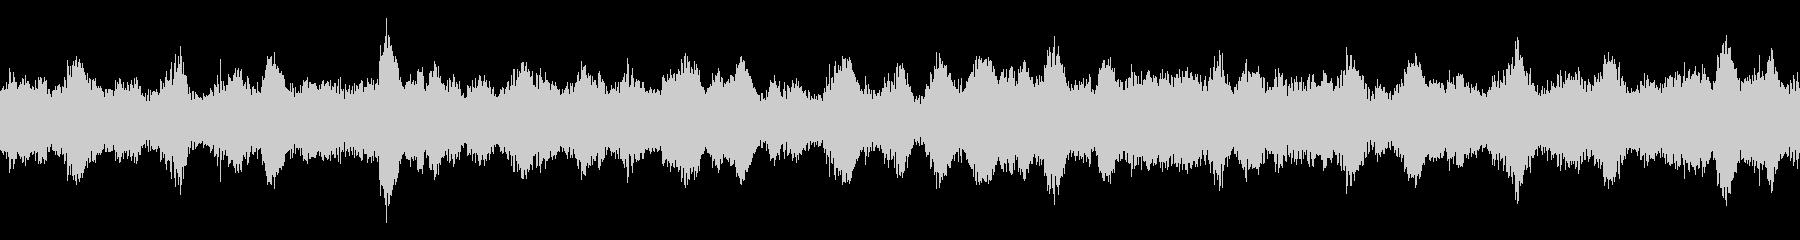 バックグラウンドトーンの調整の未再生の波形